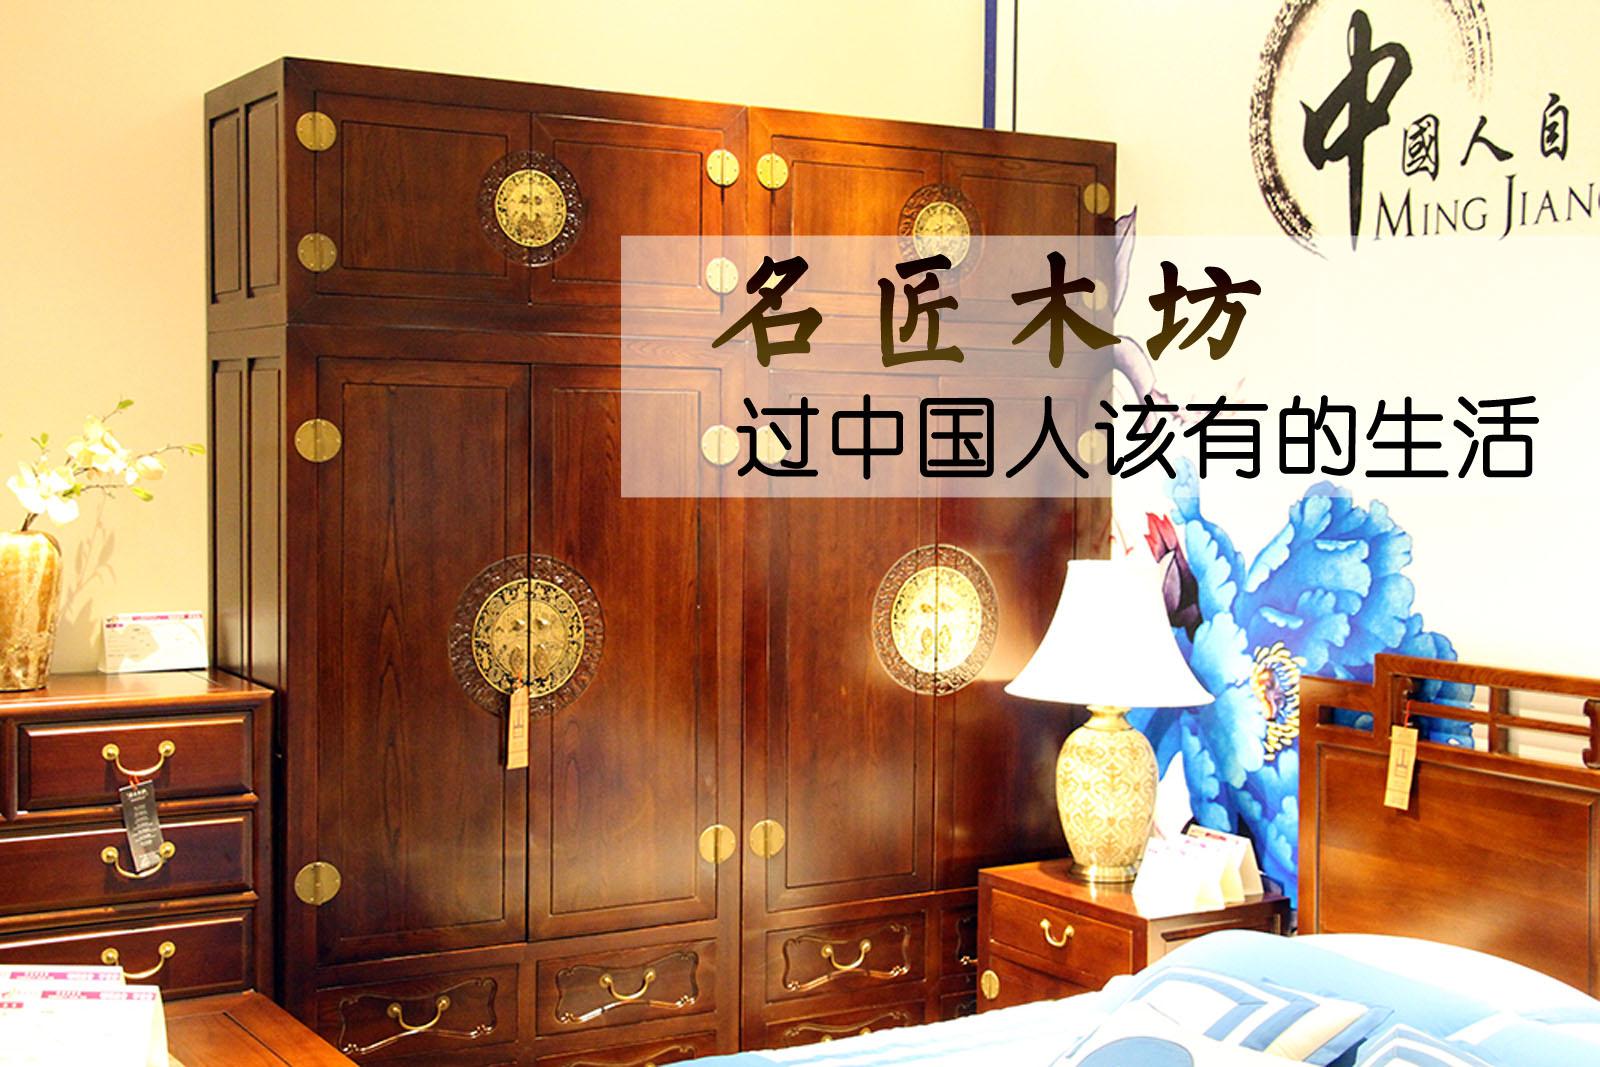 名匠木坊新中式家具 过中国人该有的生活